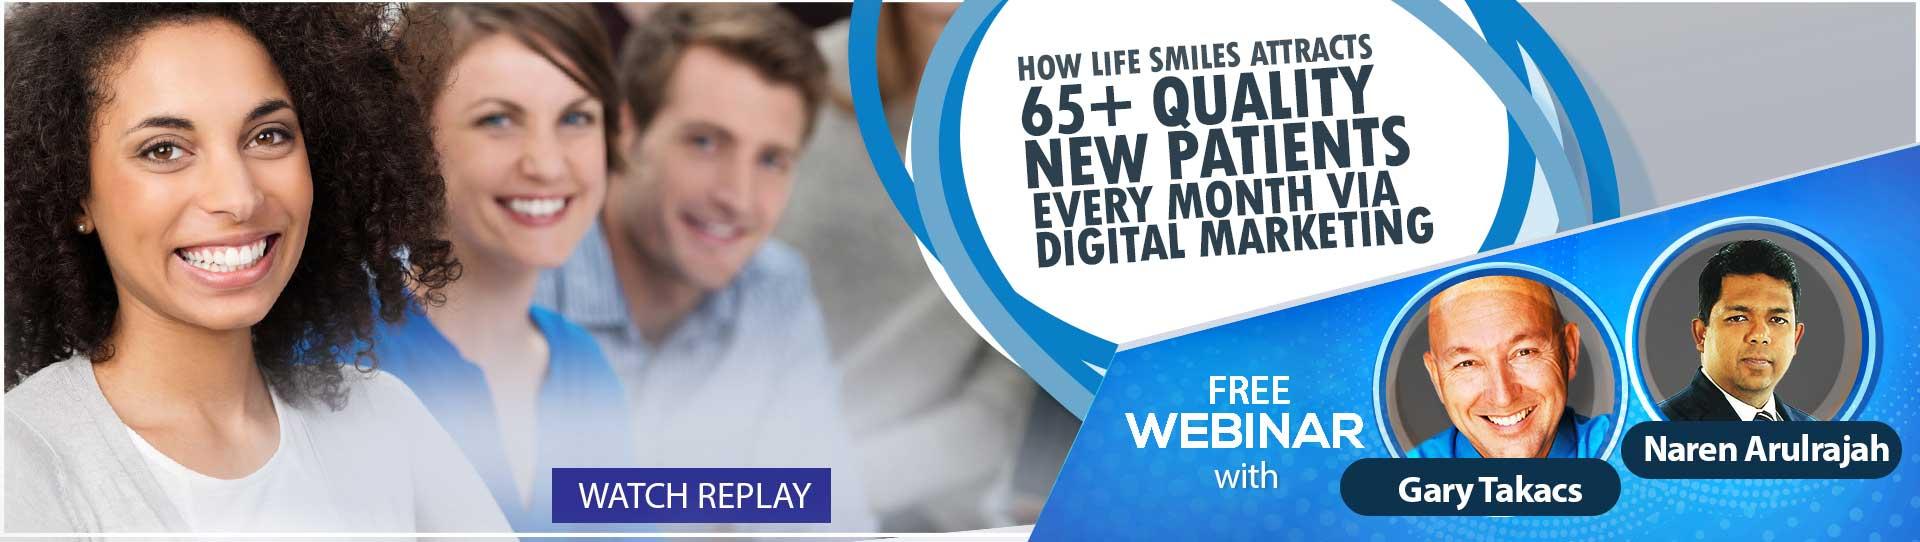 Watch Webinar Replay